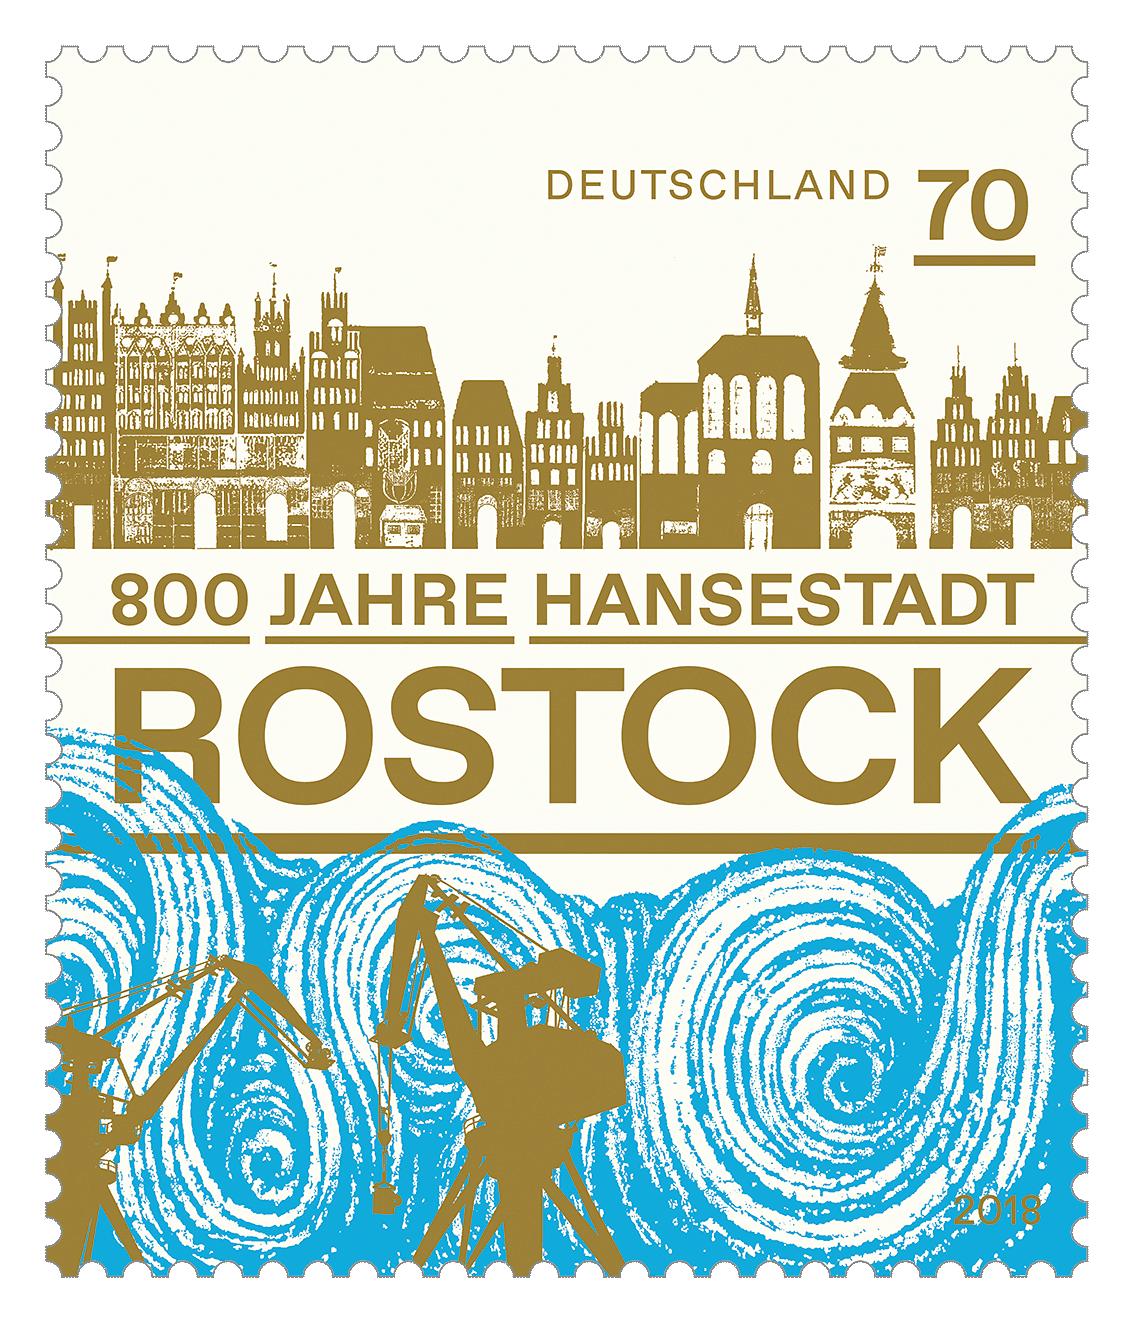 Briefmarke 800 Jahre Hansestadt Rostock